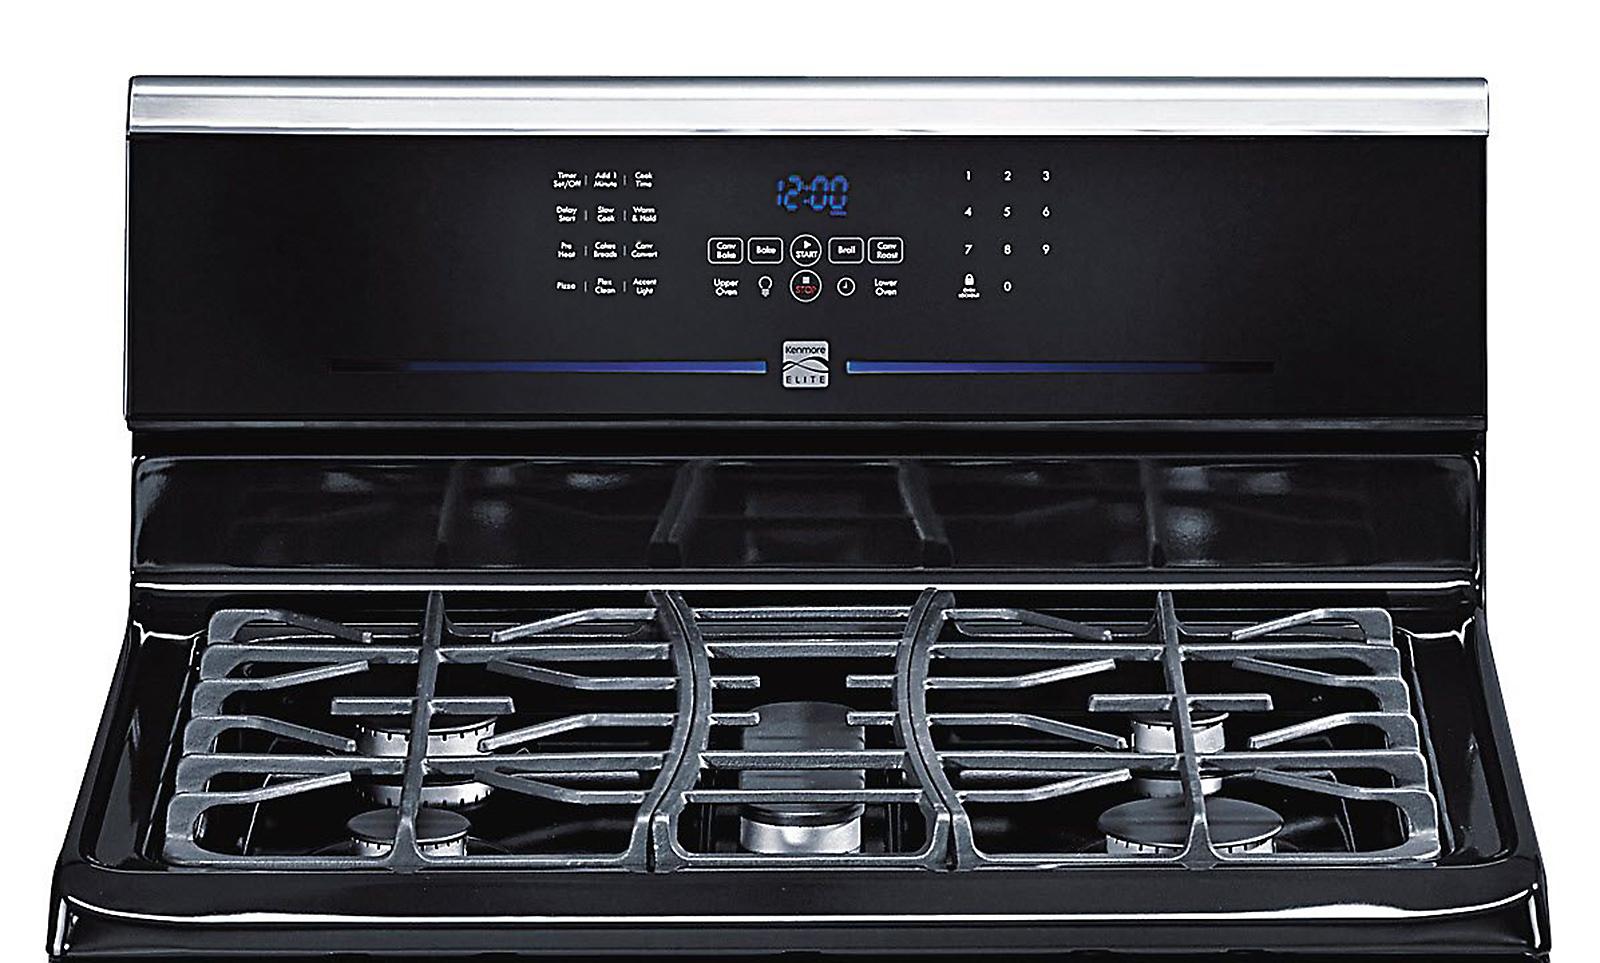 Kenmore Elite 5.8 cu. ft. Double-Oven Gas Range